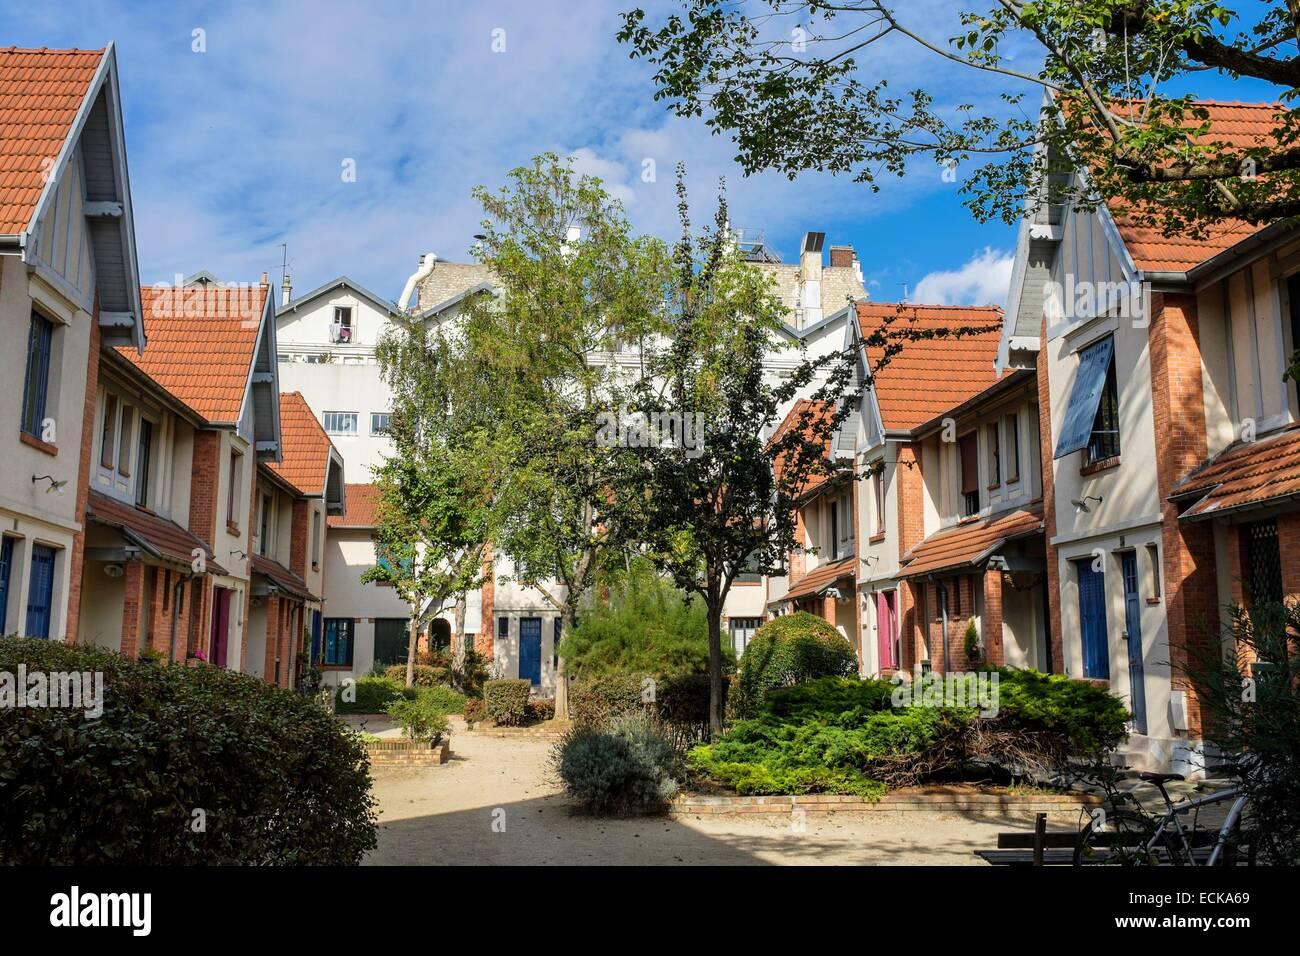 La Butte Aux Cailles Photos france, paris, butte aux cailles district, la petite alsace